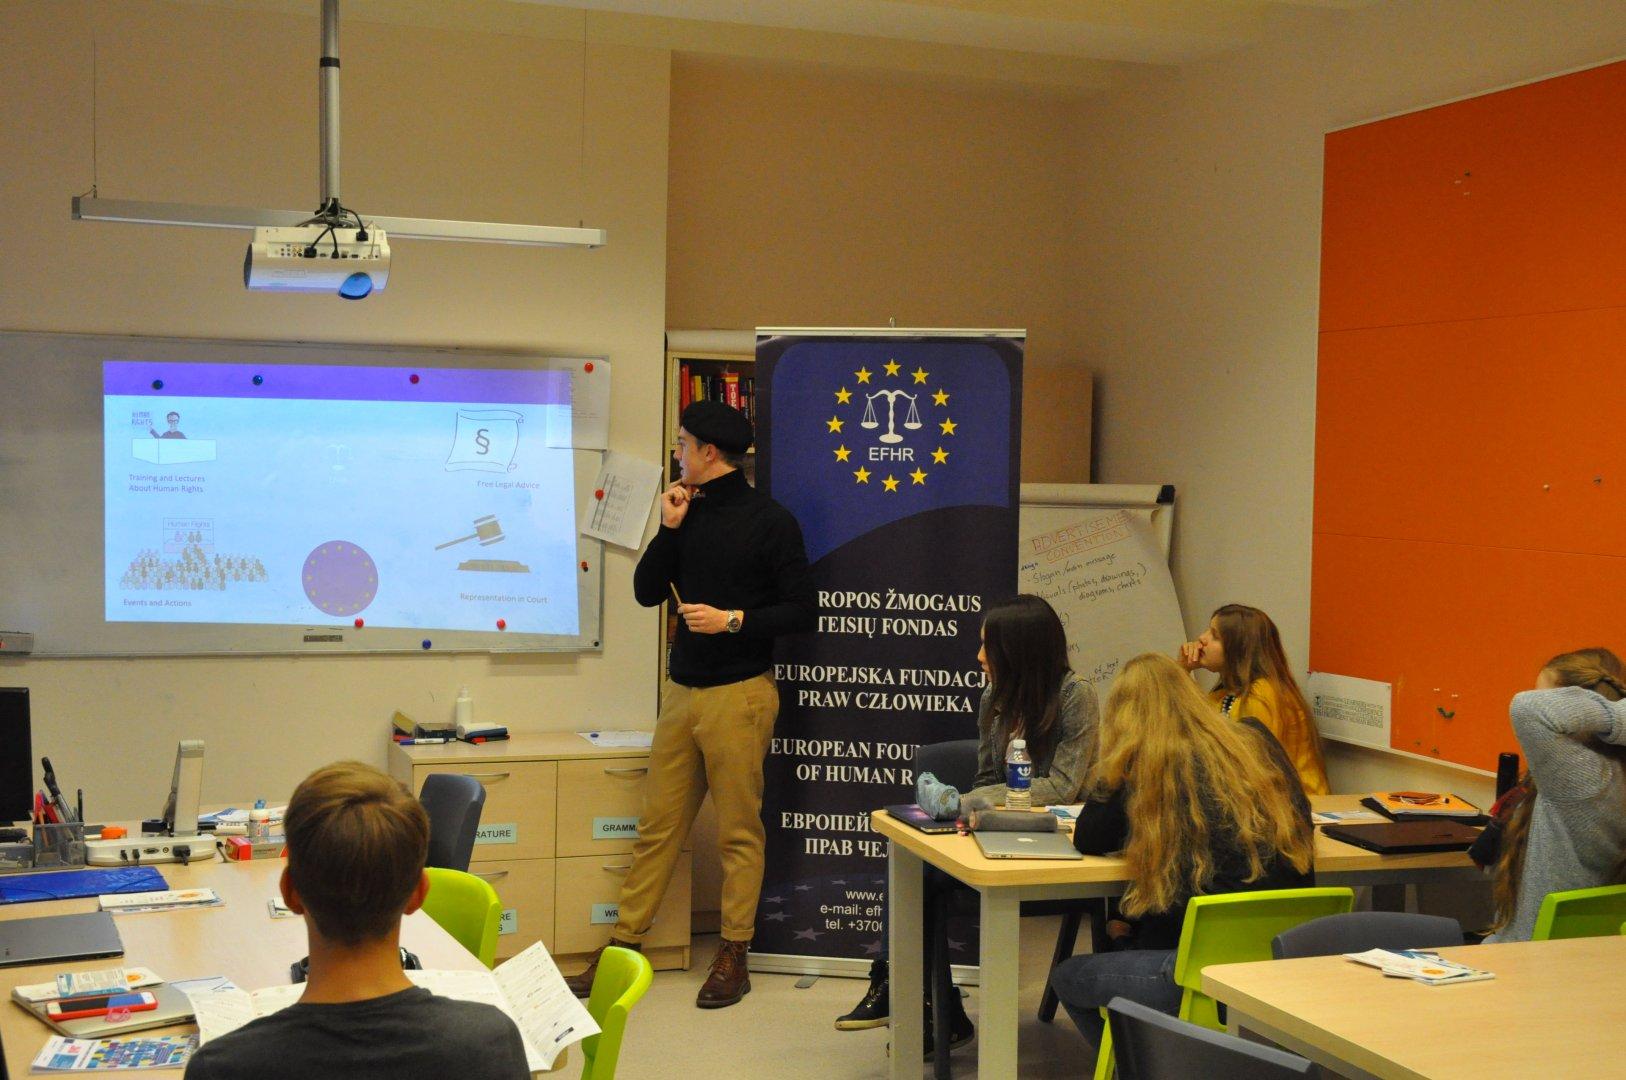 EFHR kontynuuje kampanię przeciwko mowie nienawiści w Wileńskiej Szkole Międzynarodowej